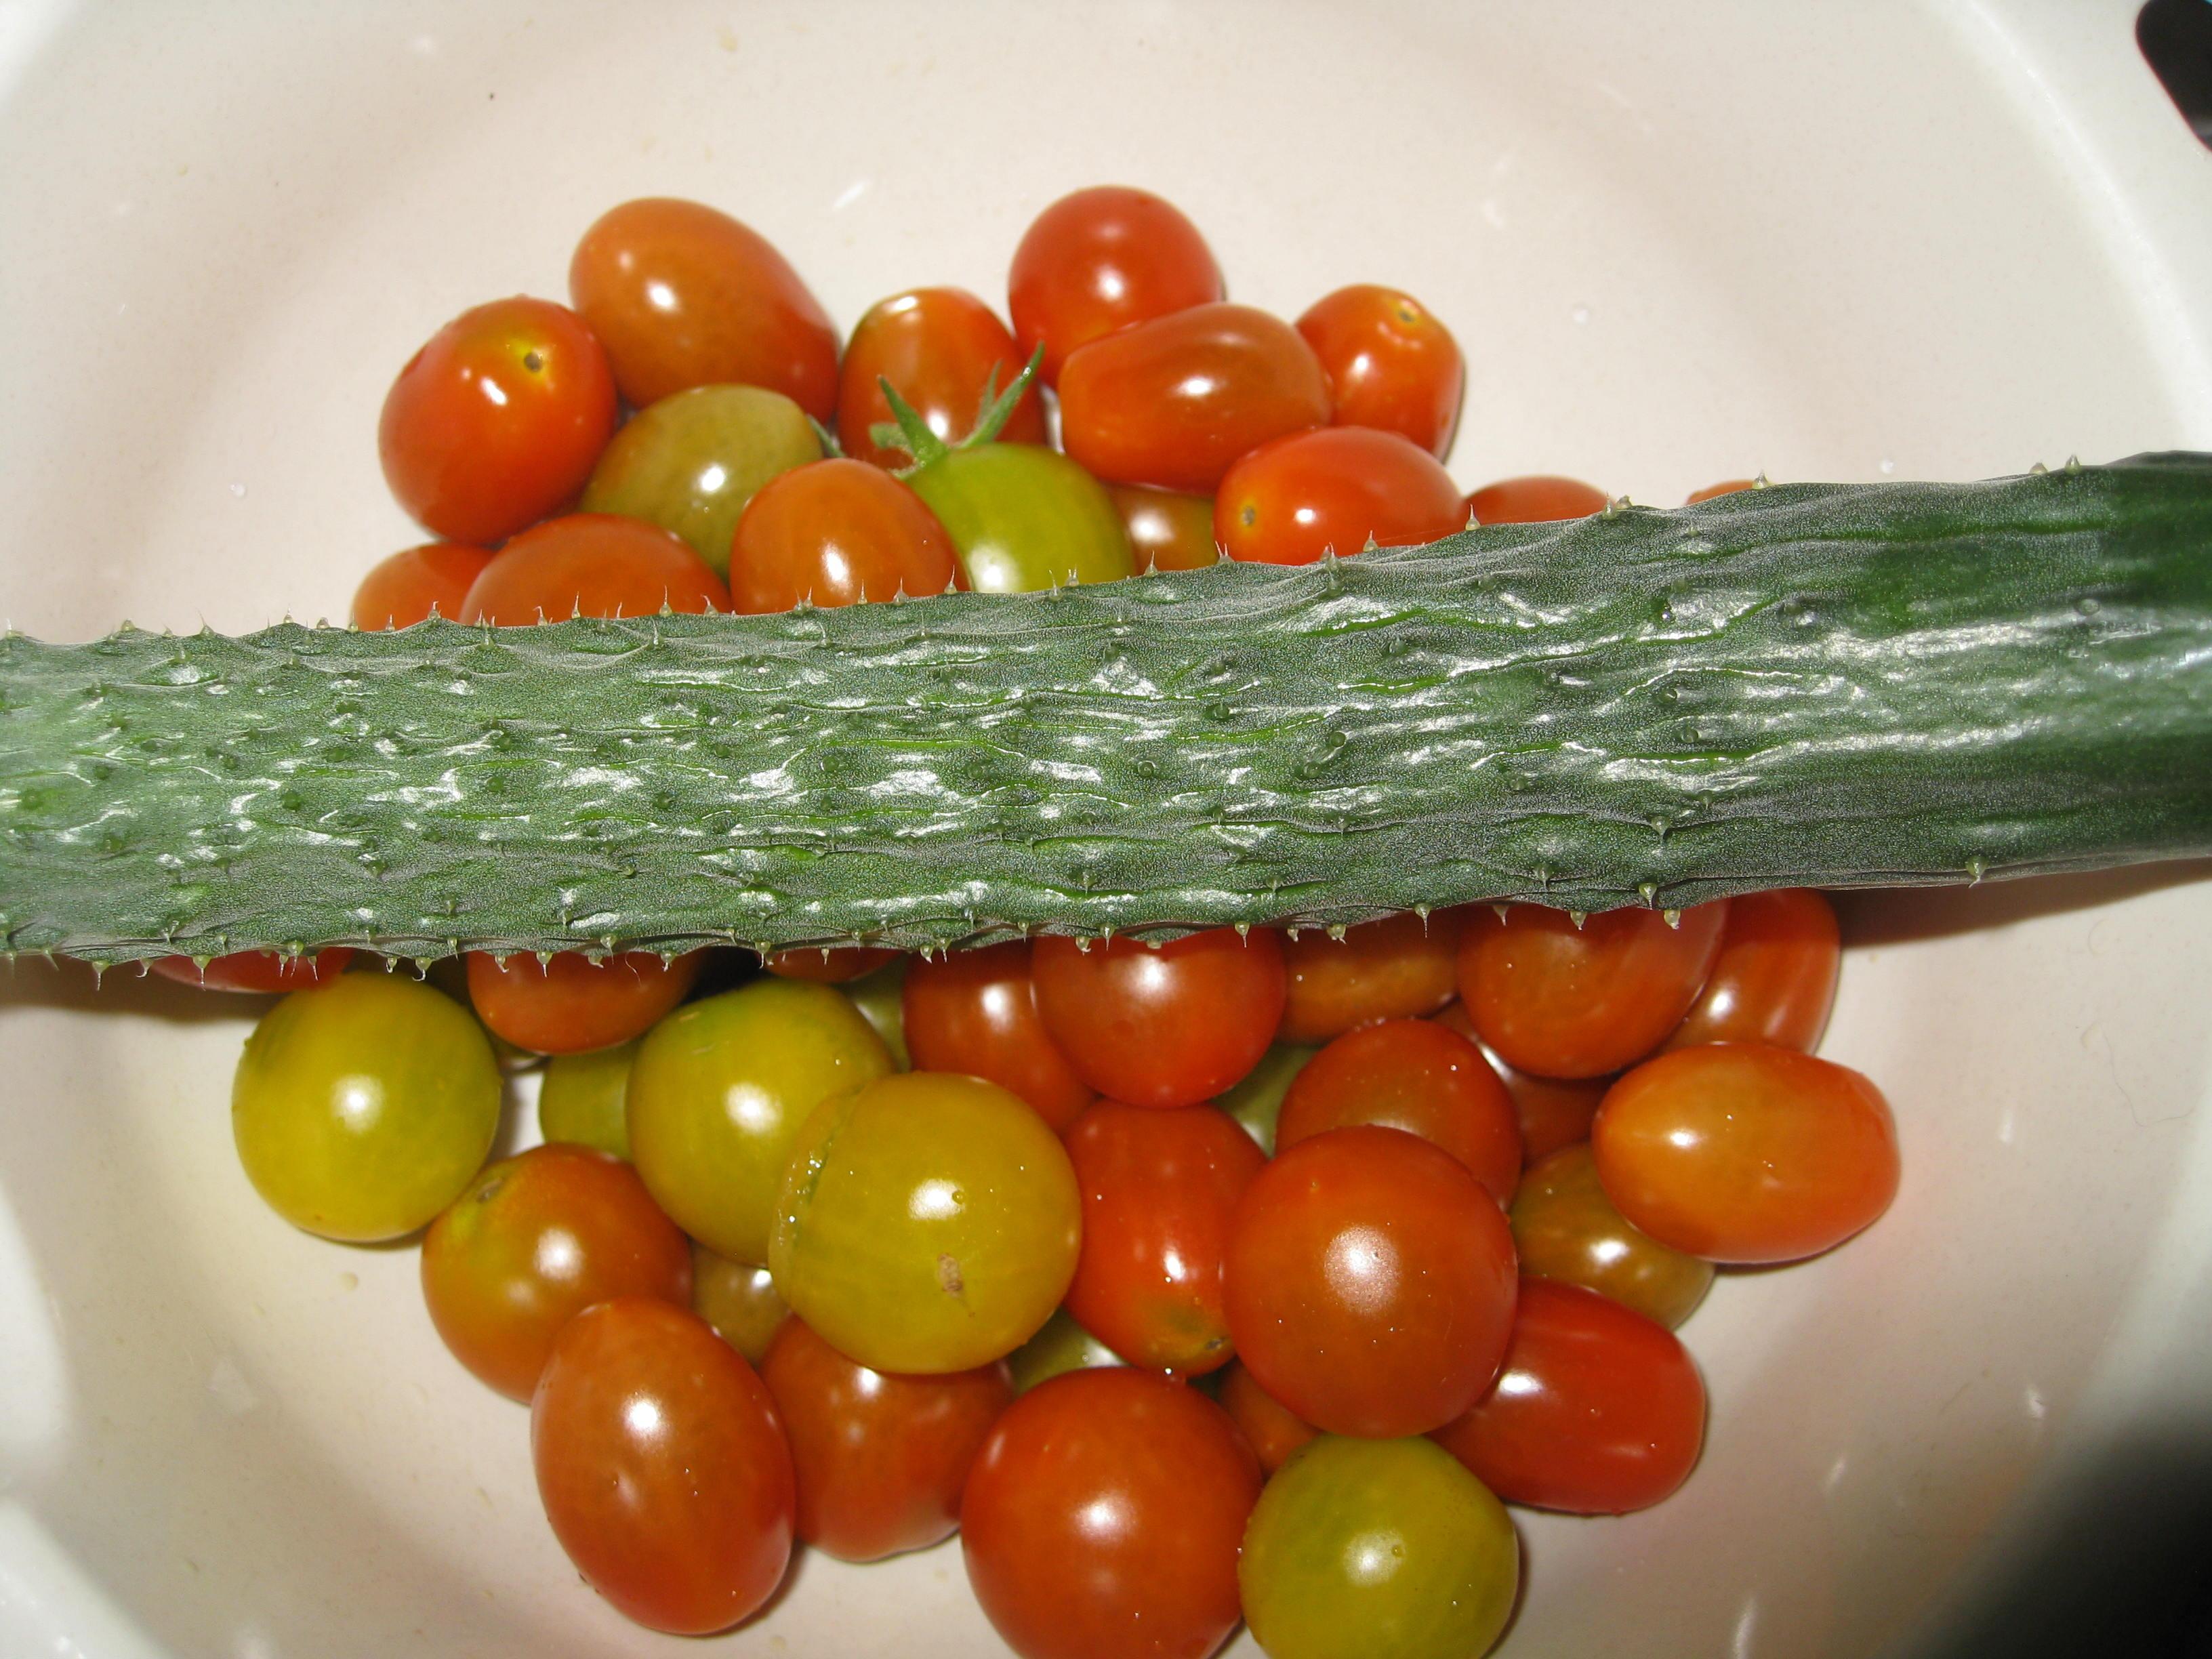 カミキリムシは5匹目  プランターミニトマト1003個 一本当たり167個